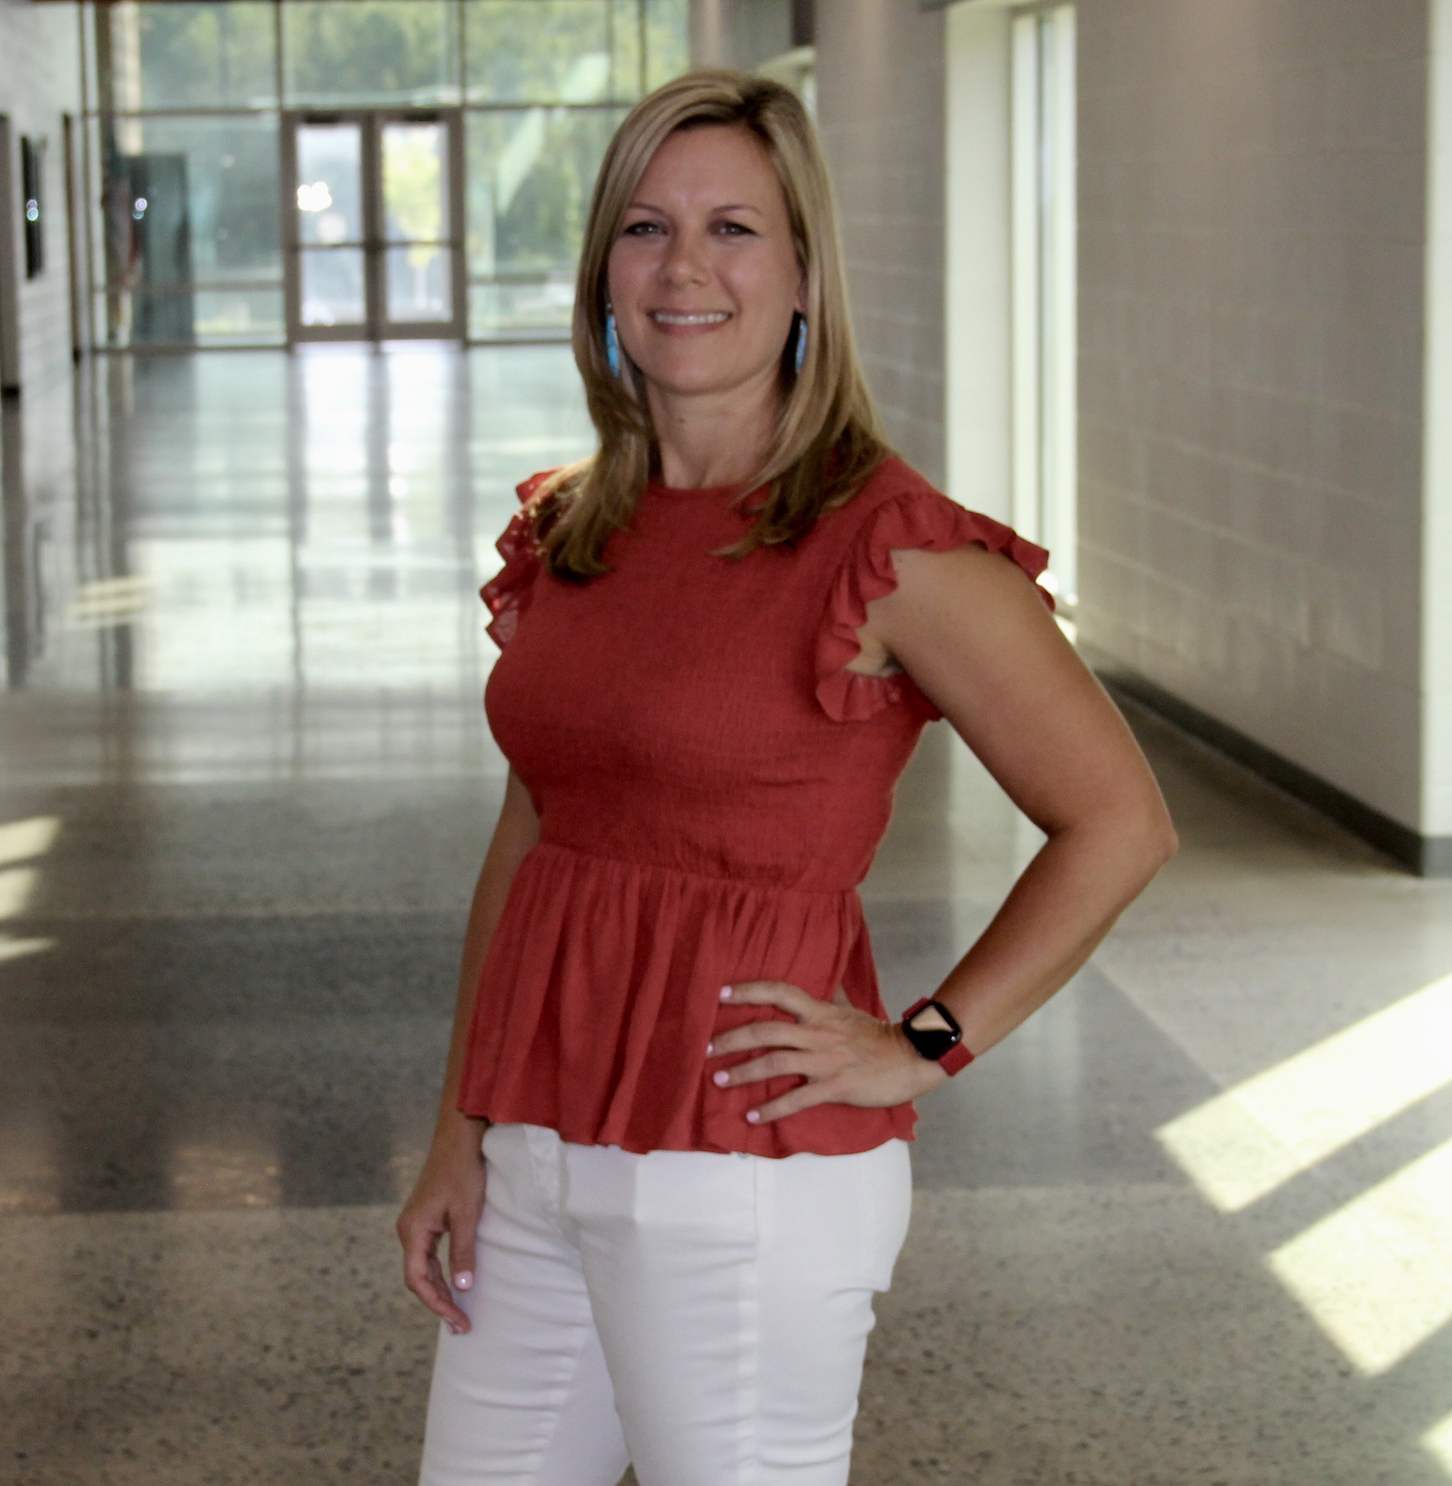 Ms. Faulkner